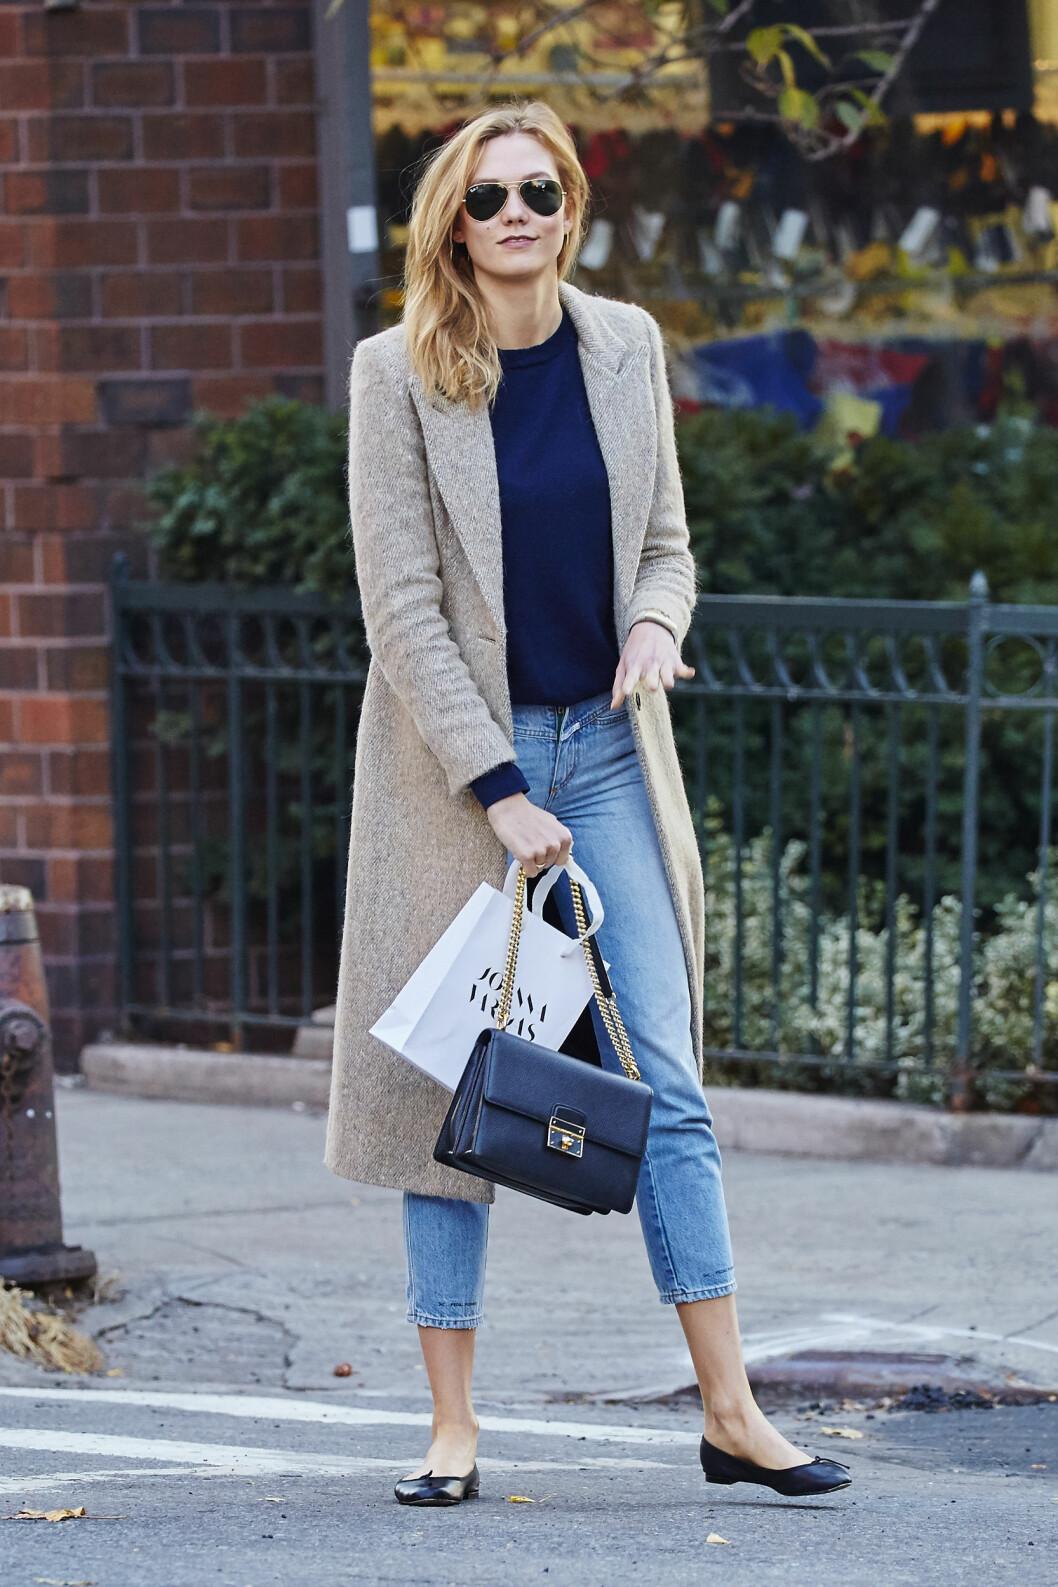 KAMELKÅPE: Supermodell Karlie Kloss går får en litt gråere variant av kåpen, men den er fremdeles like fin! Foto: Splash News